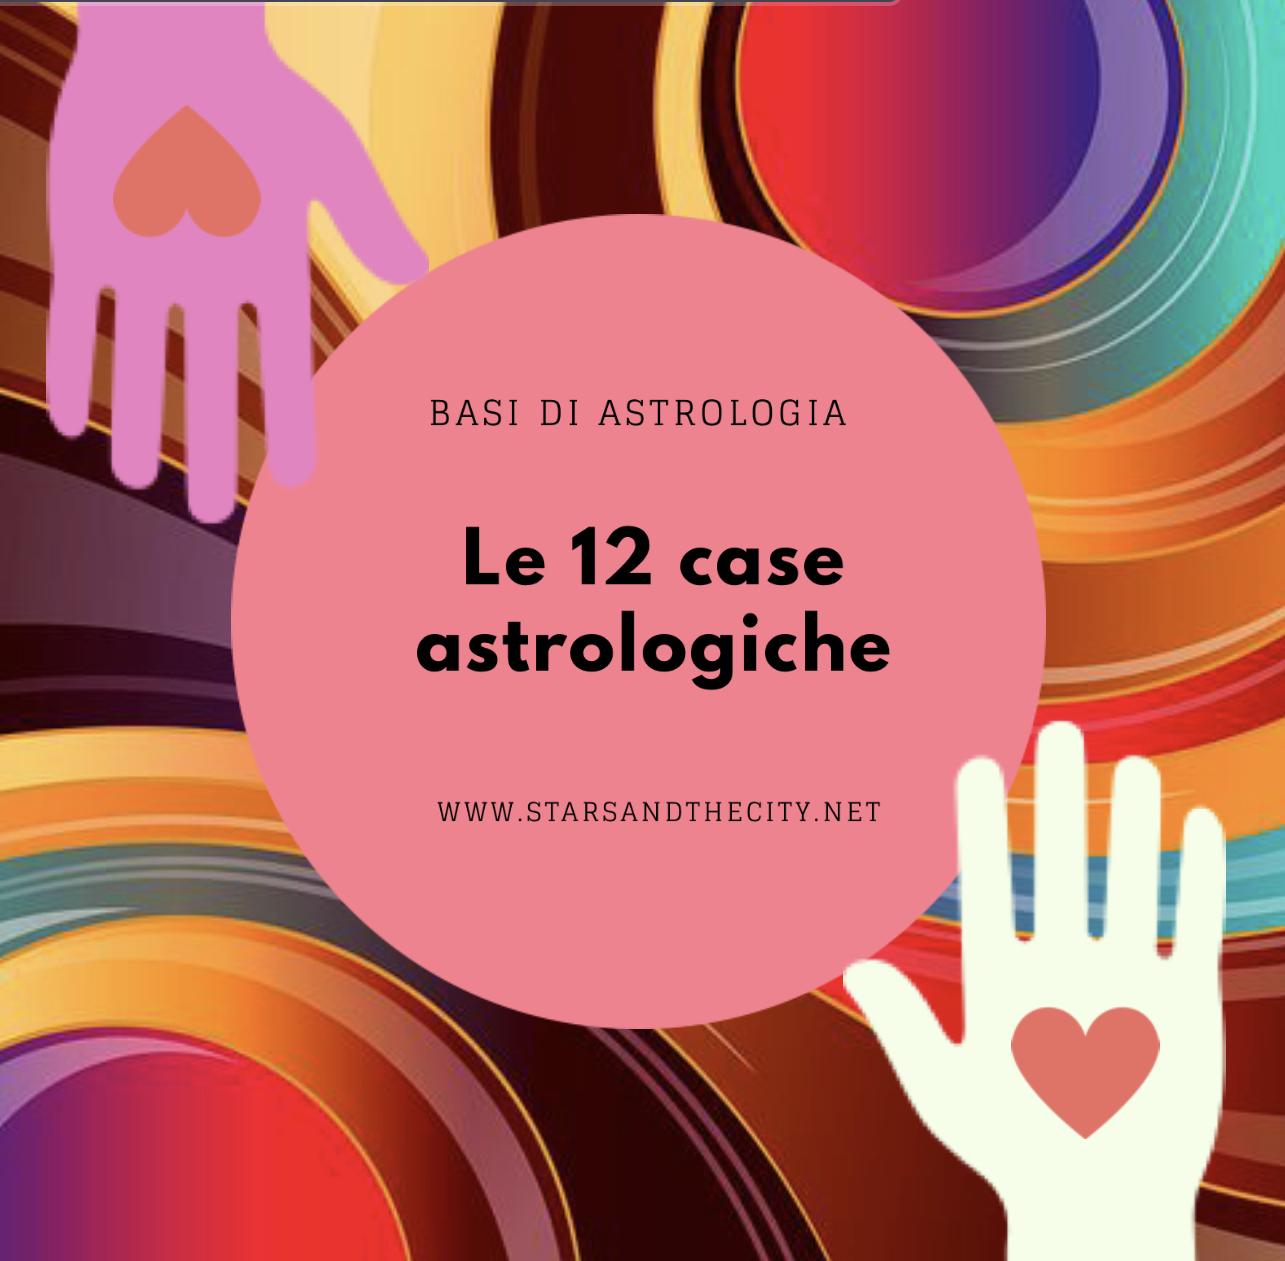 Le12caseastrologiche, le 12 case astrologiche, Lia bucci, starsandthecity